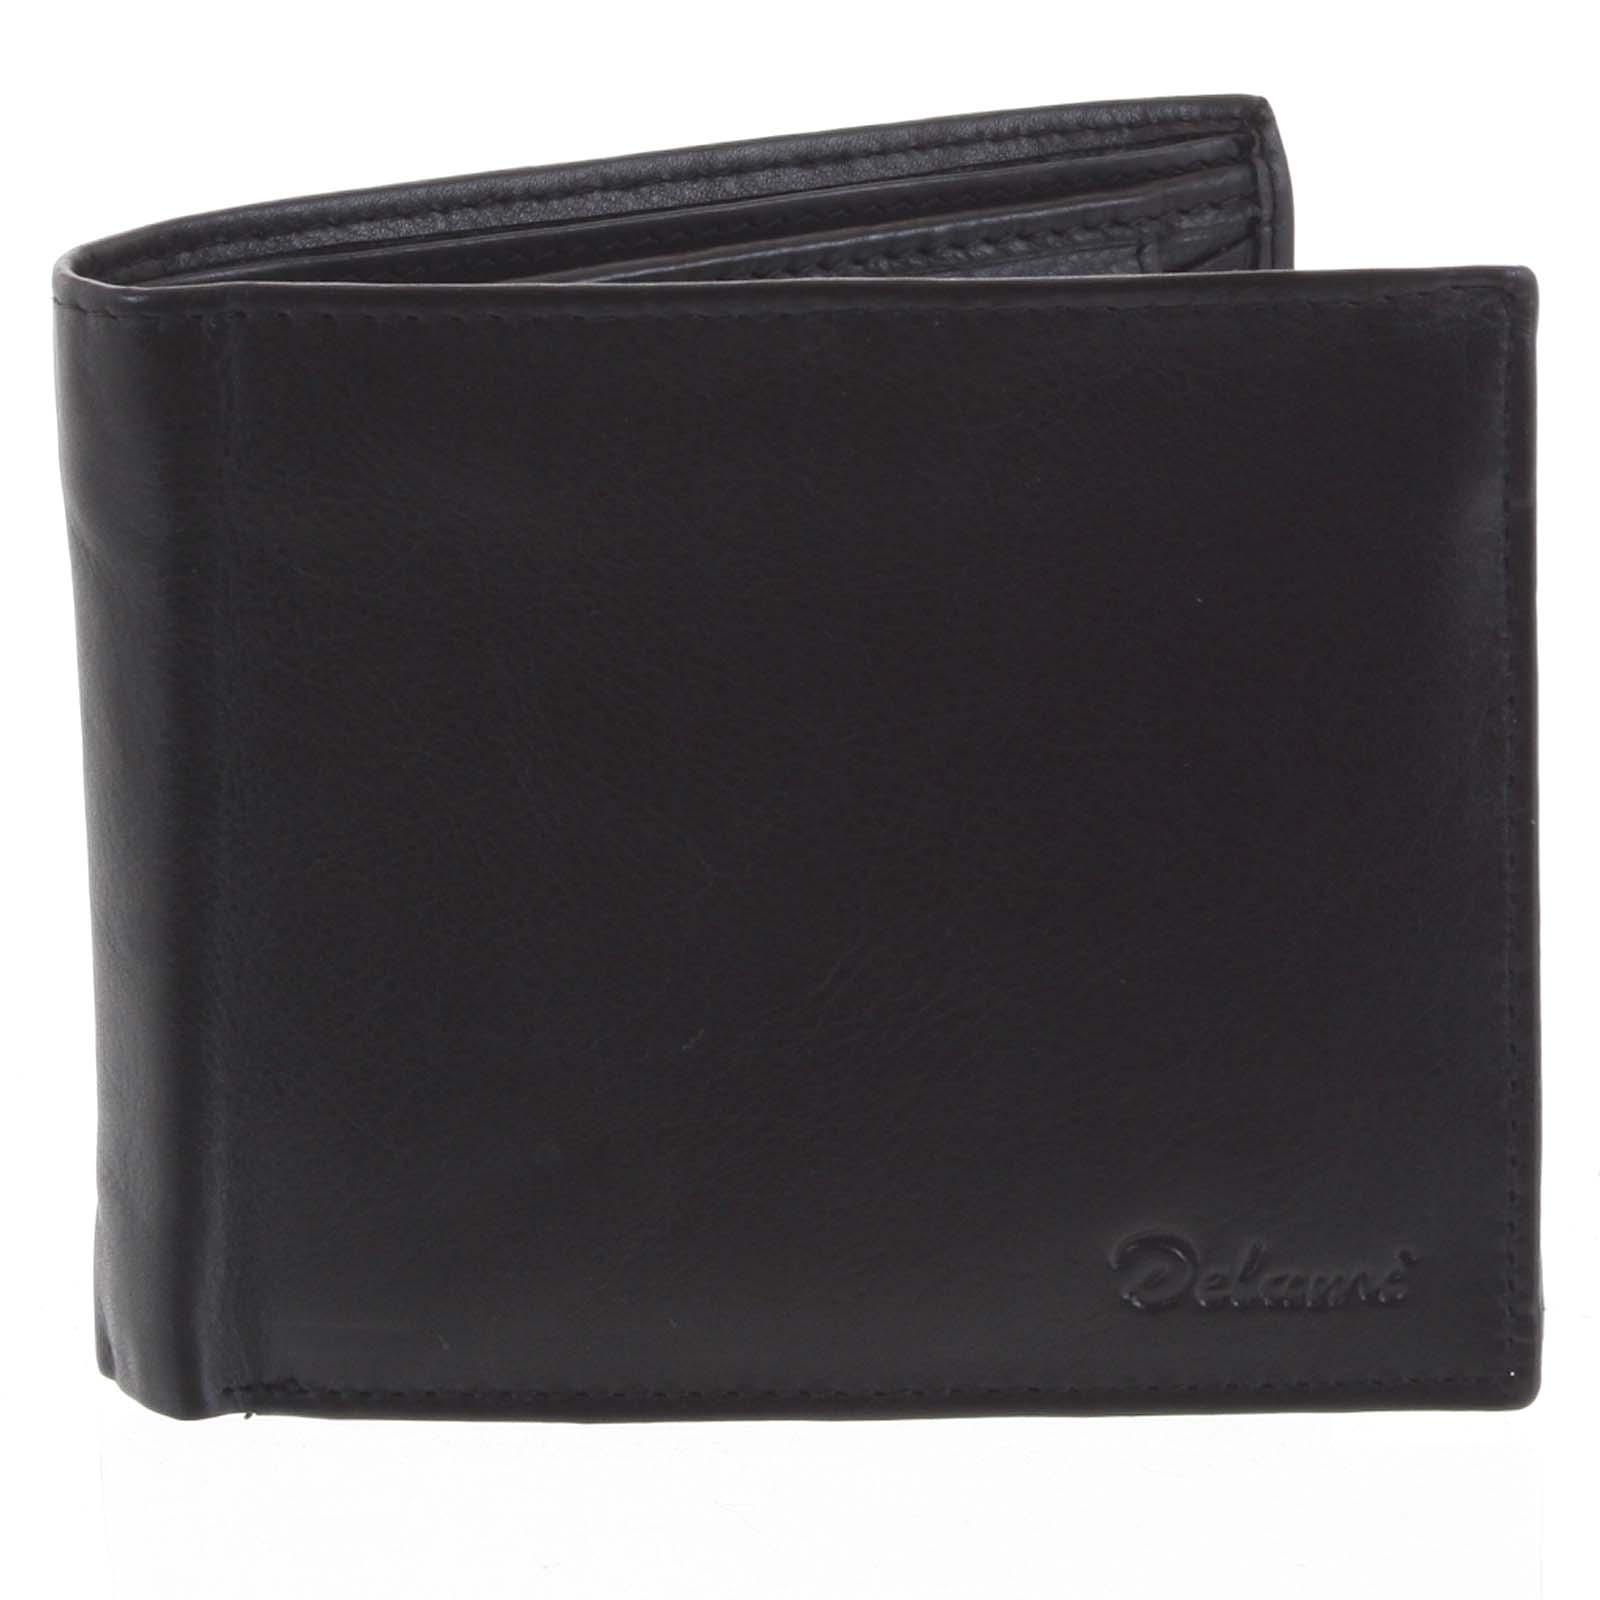 Pánská kožená peněženka černá - Delami Five